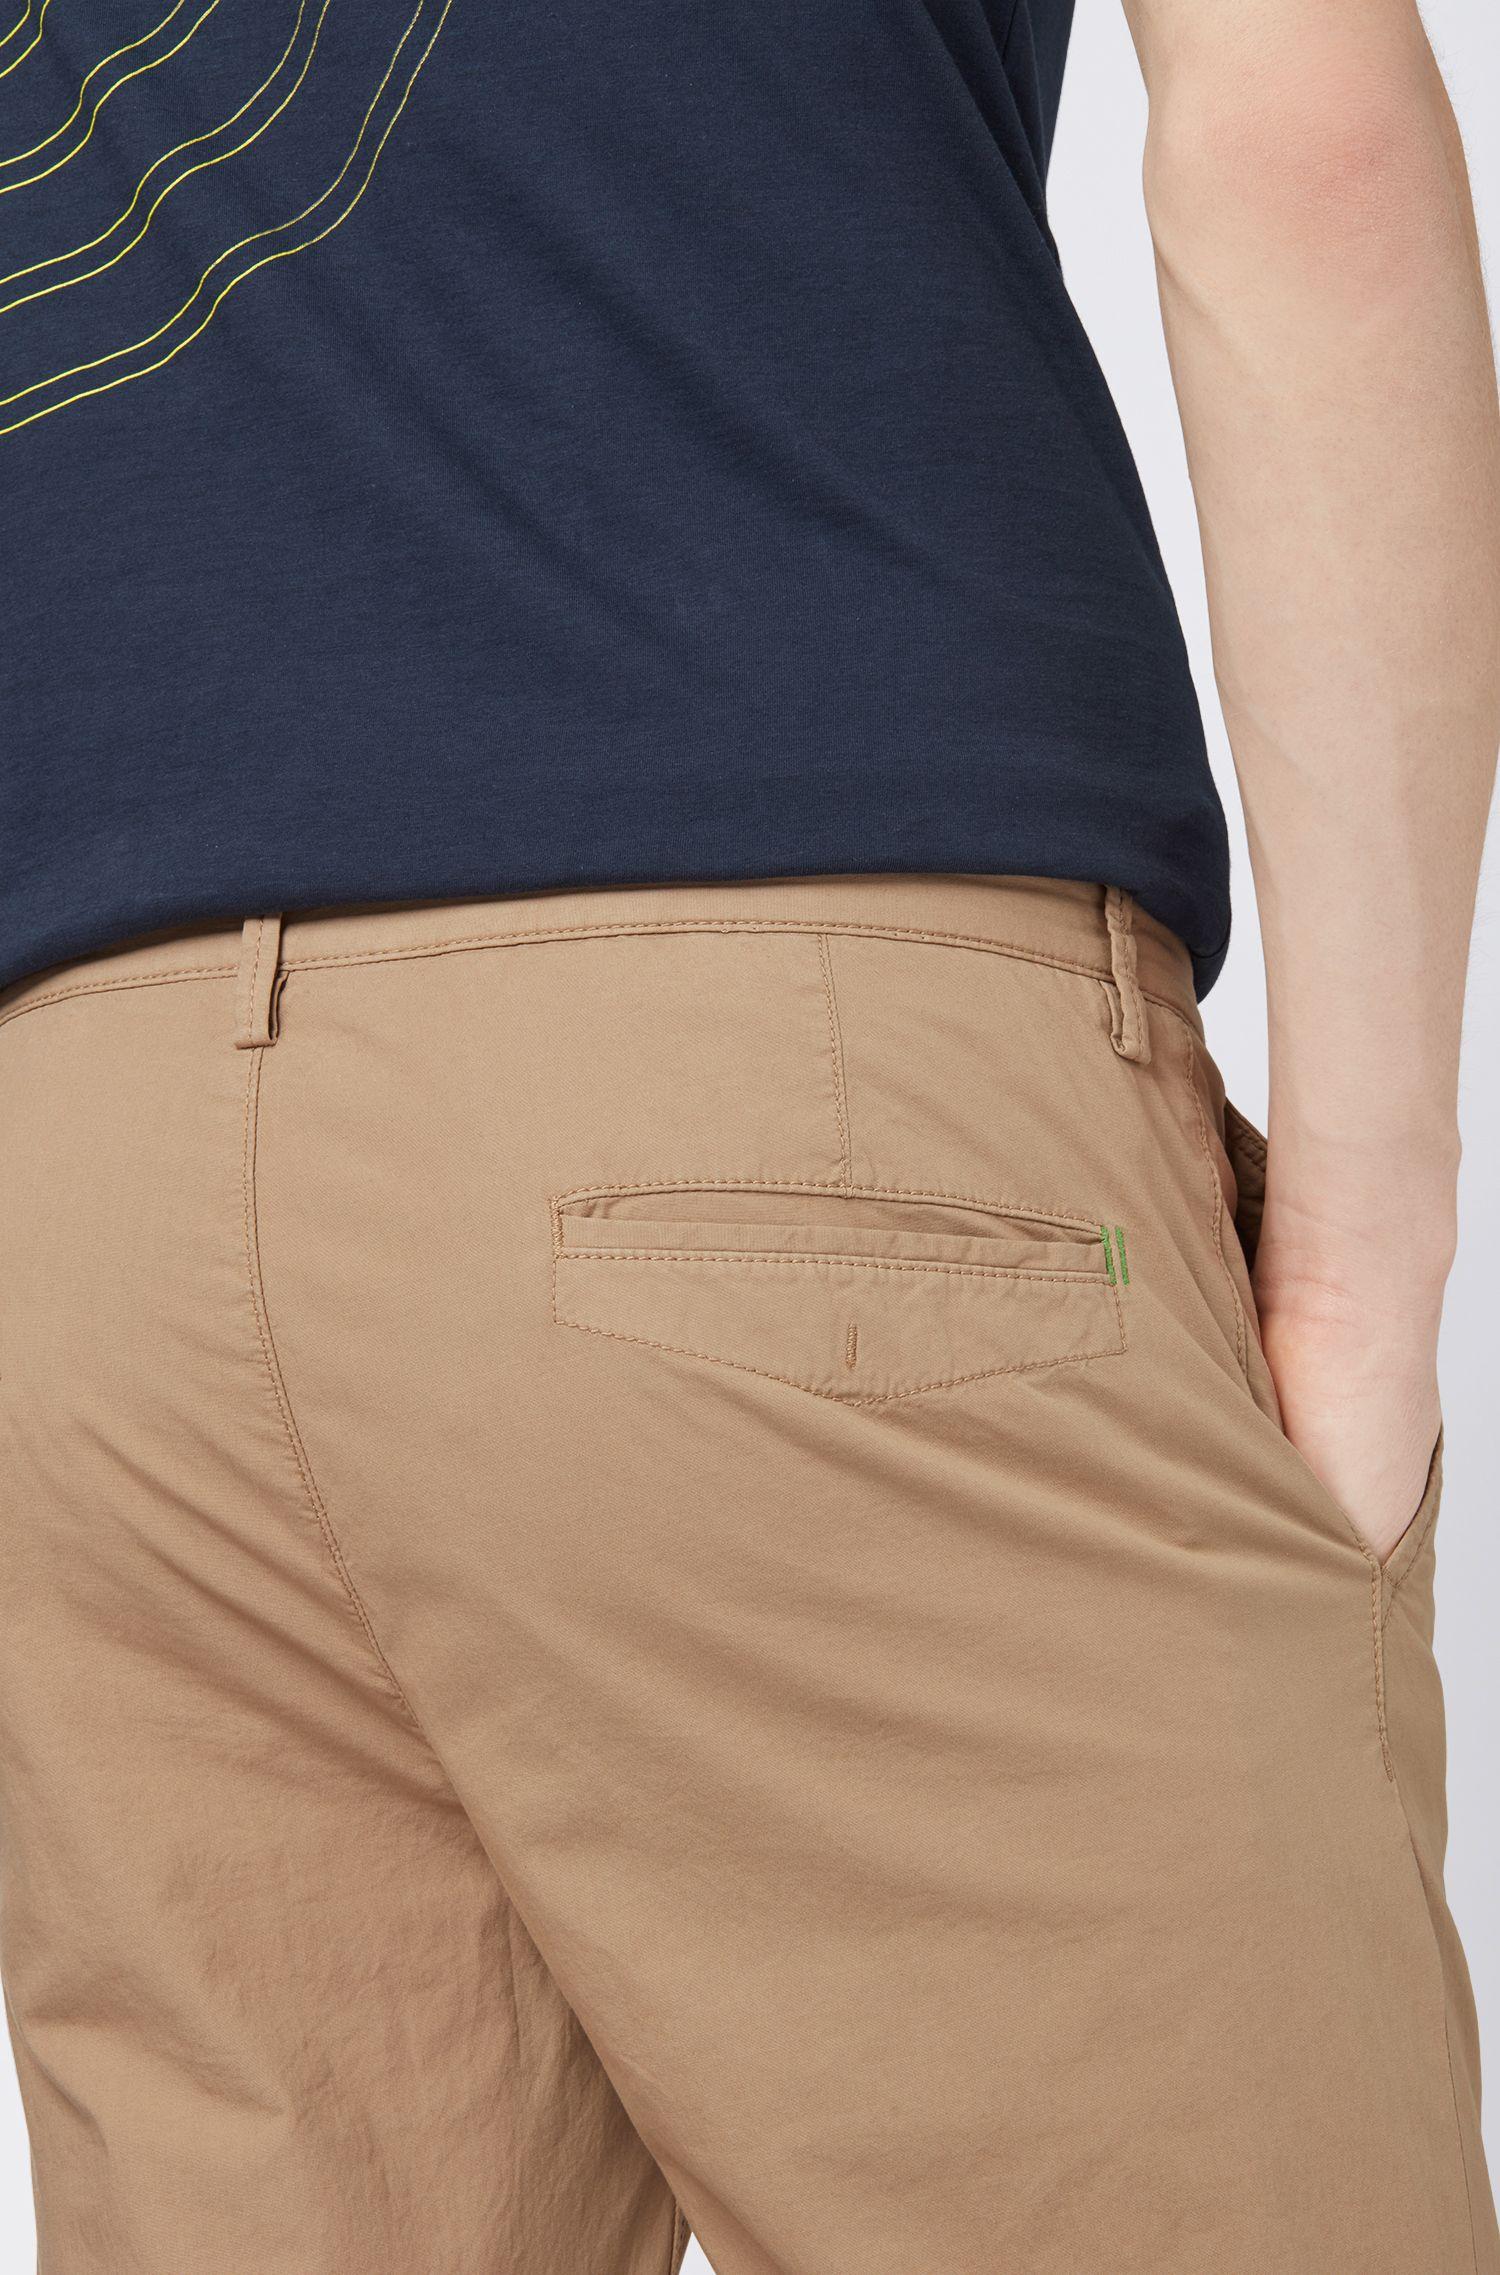 Leichte Slim-Fit Hose aus italienischer Stretch-Baumwolle, Beige